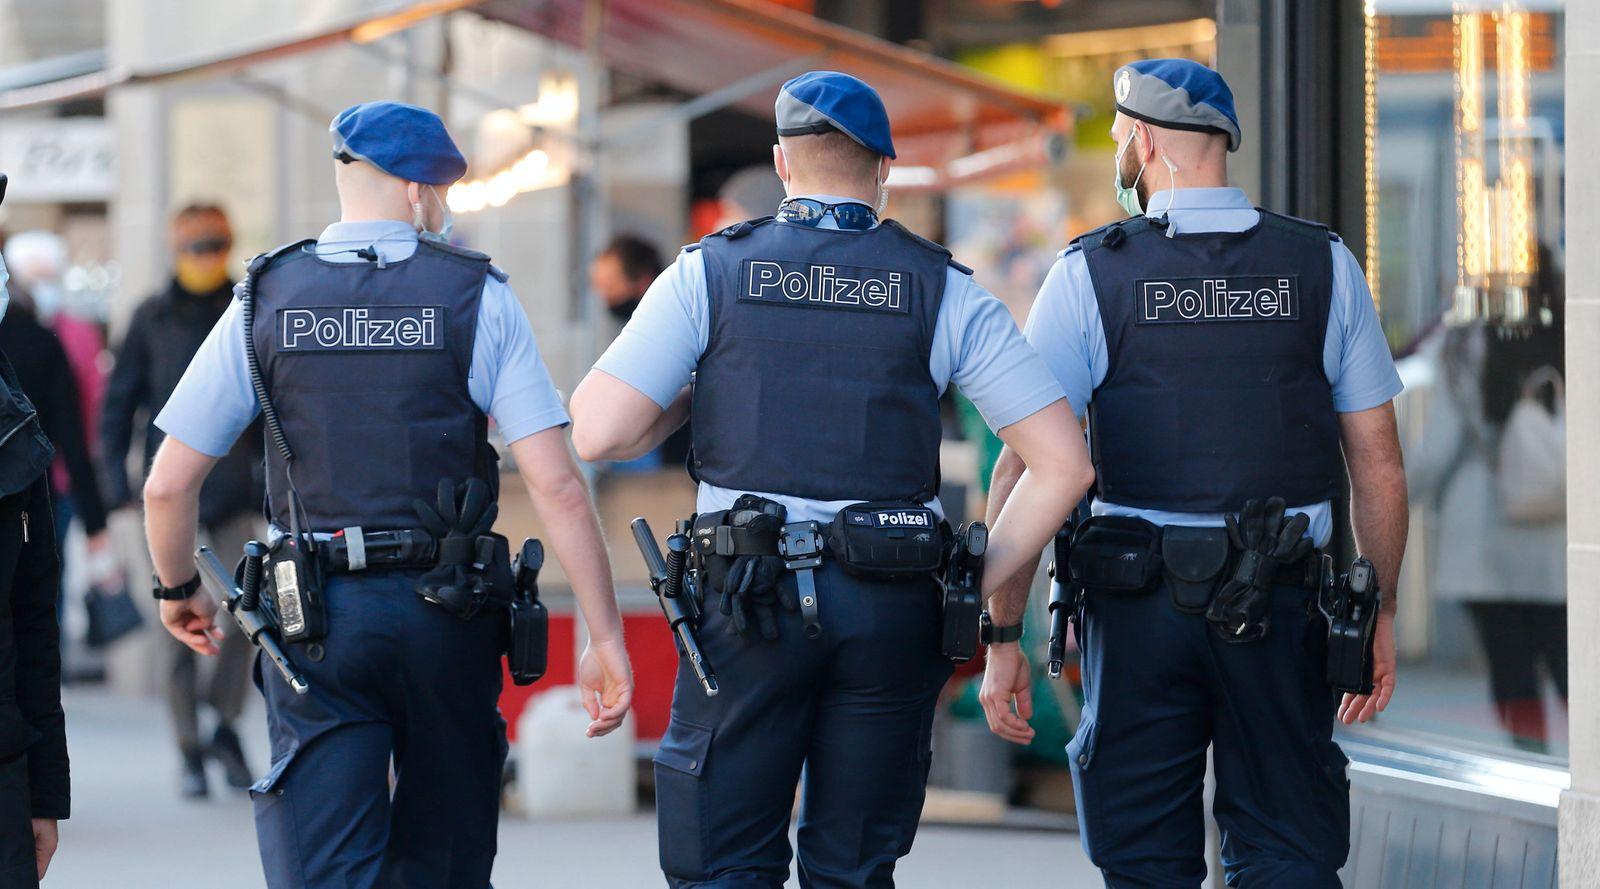 Foto Manuel Geisser 01.03.2021 Zürich : Polizeipatrouille Bahnhofstrasse Zürich *** Photo Manuel Geisser 01 03 2021 Zuri